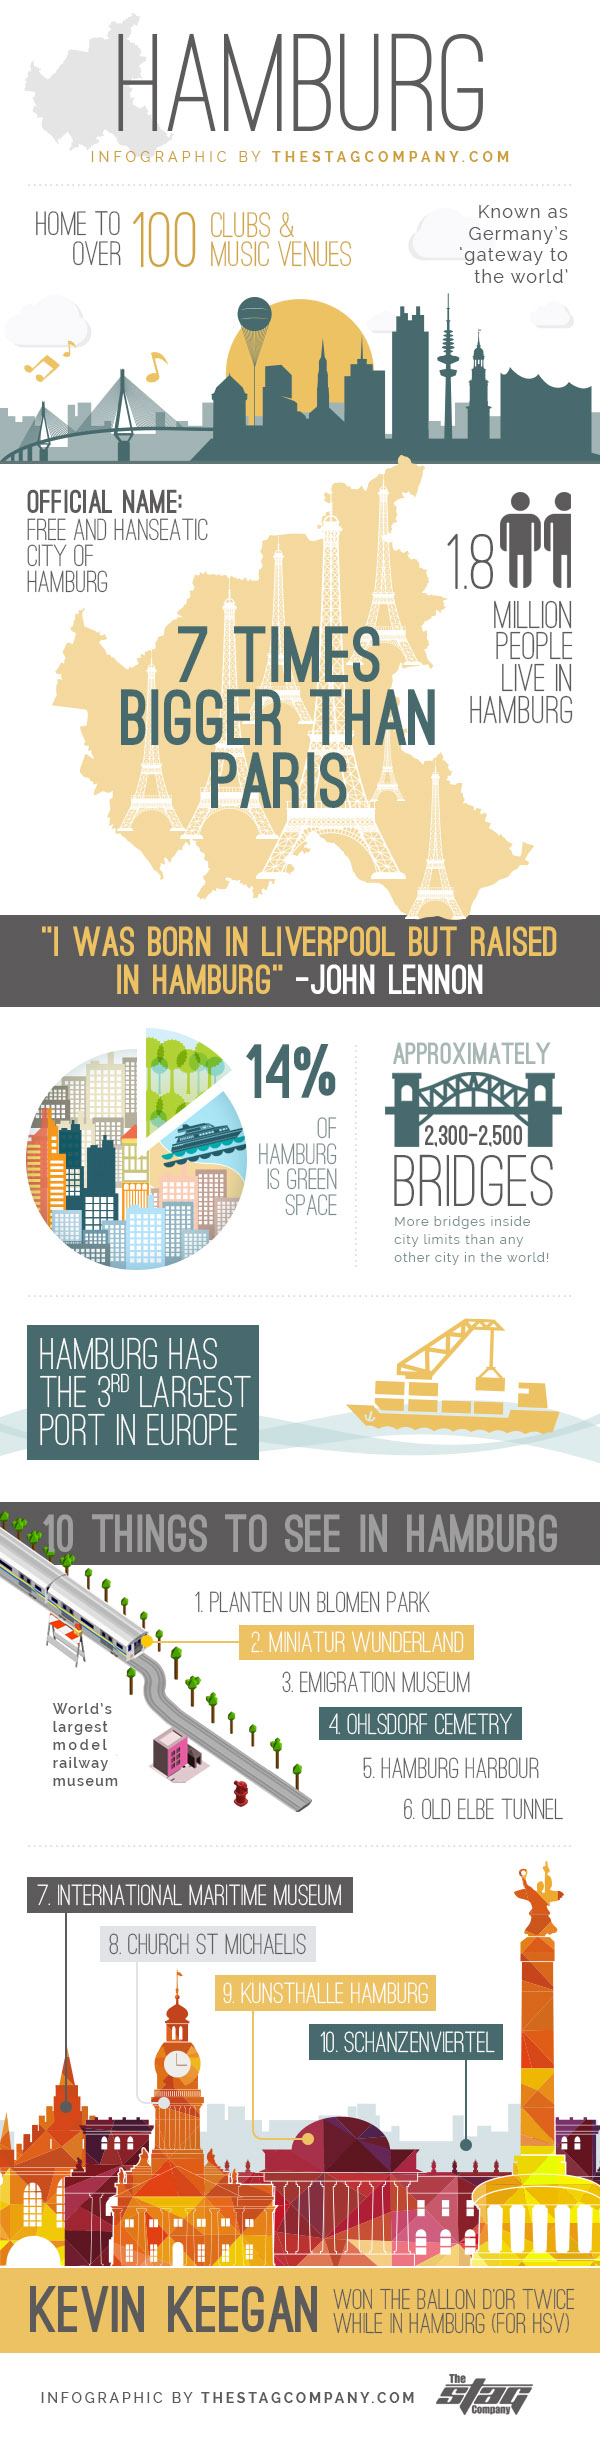 hamburg infographic